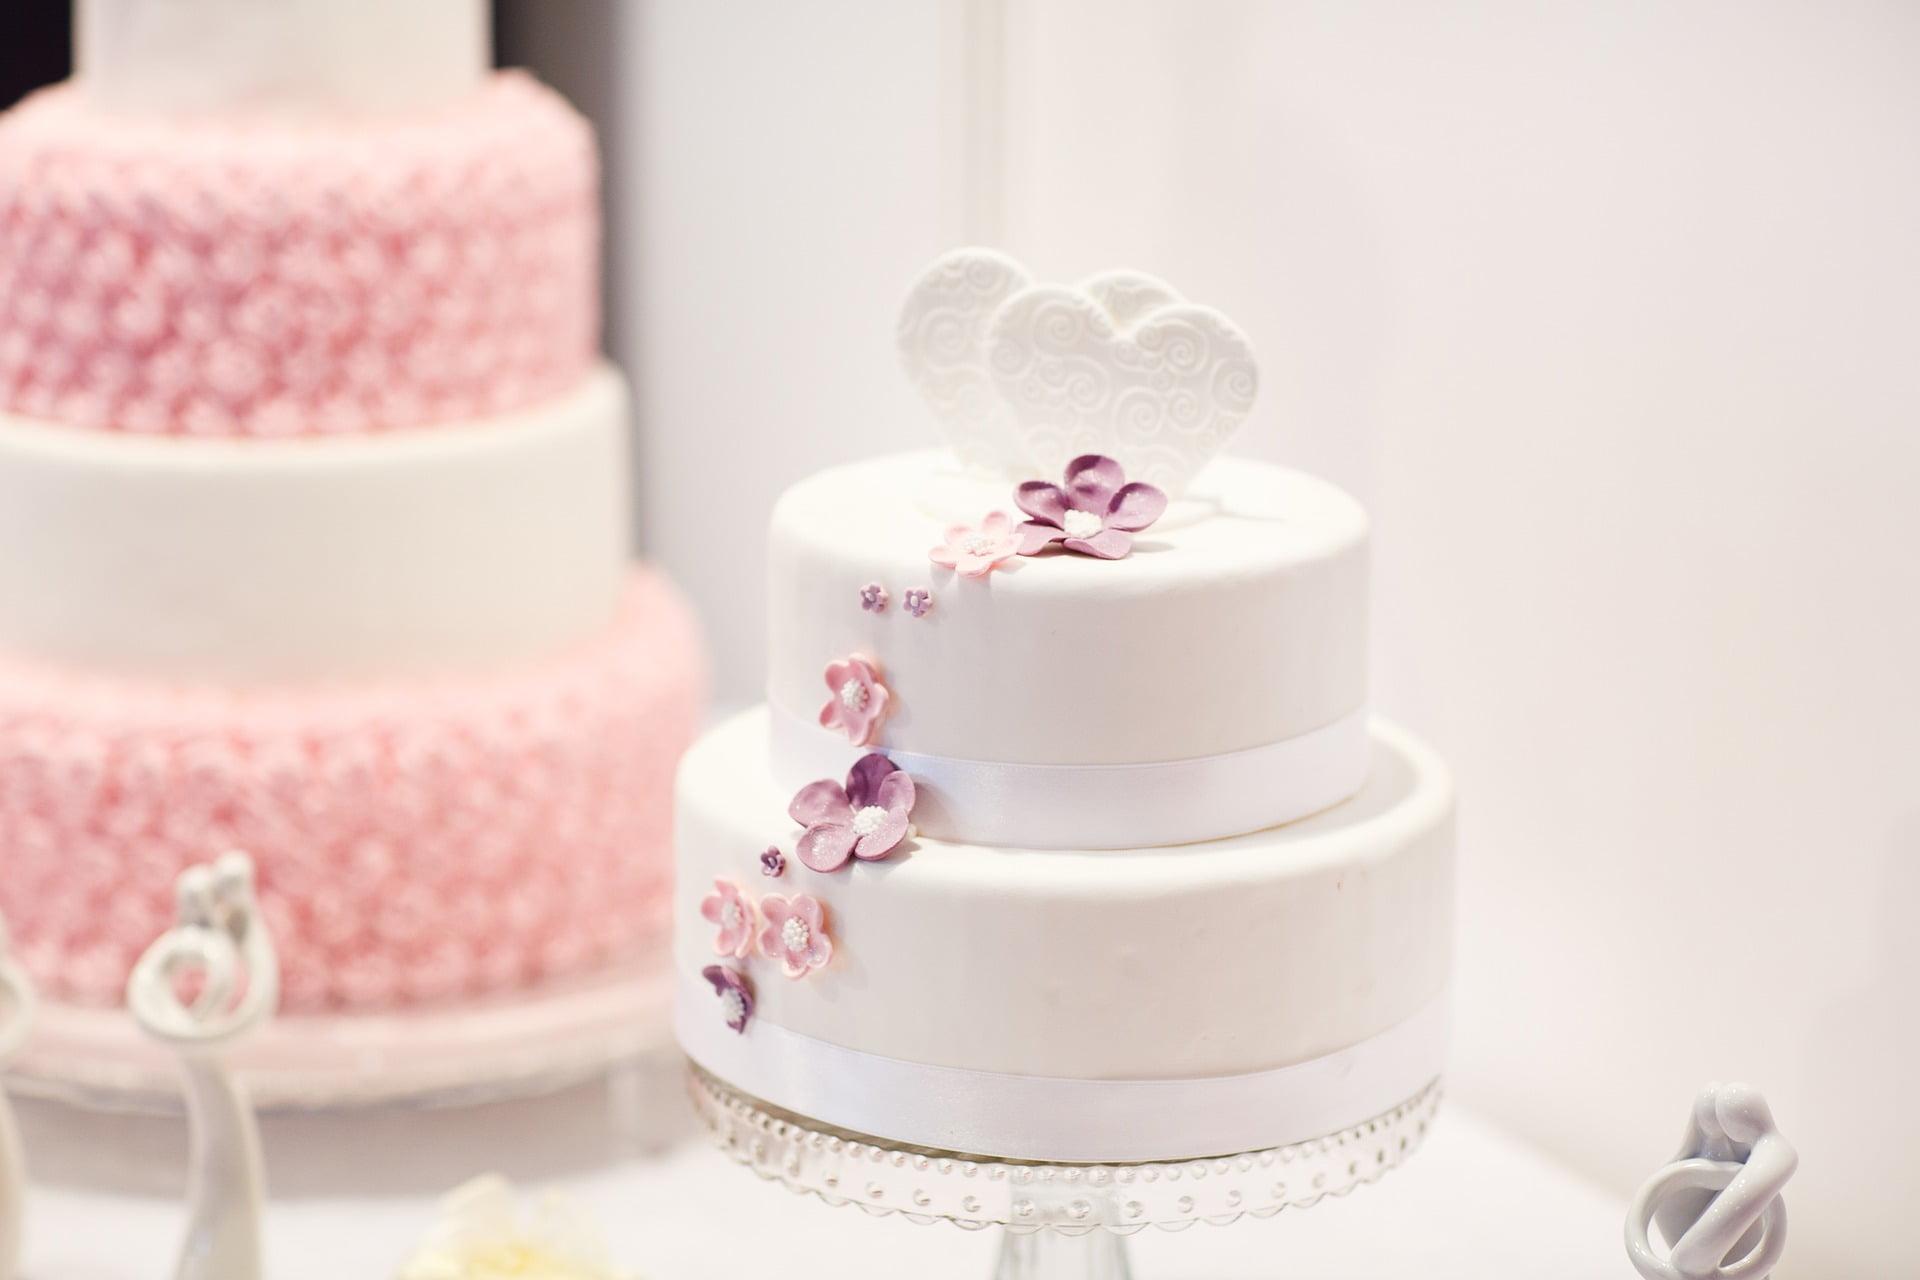 Cake Design, les gâteaux spectaculaires à portée de main !